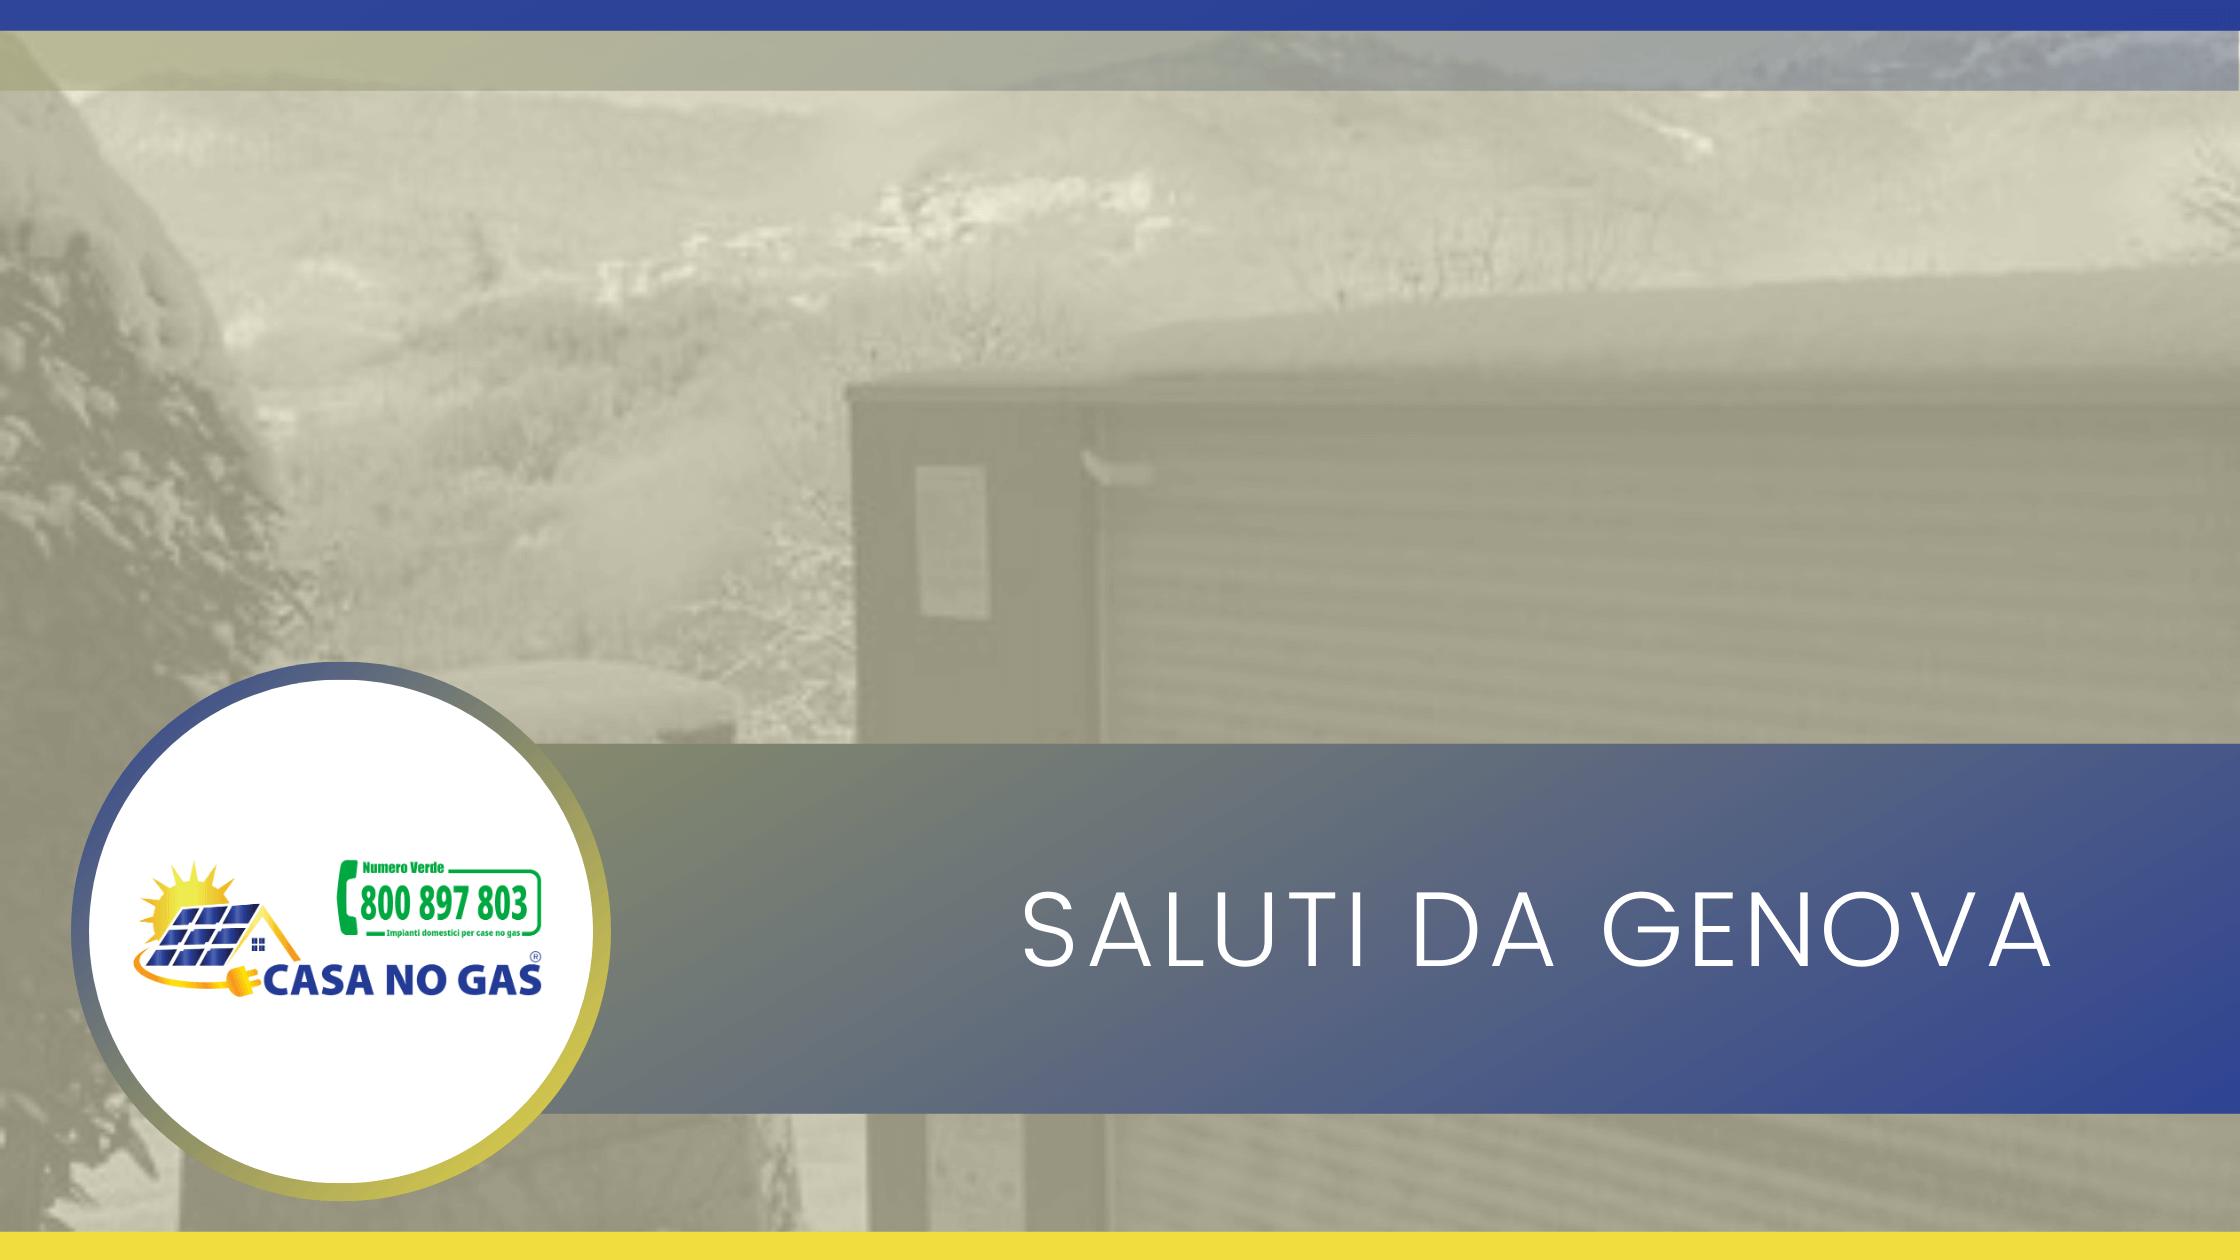 Saluti da Genova